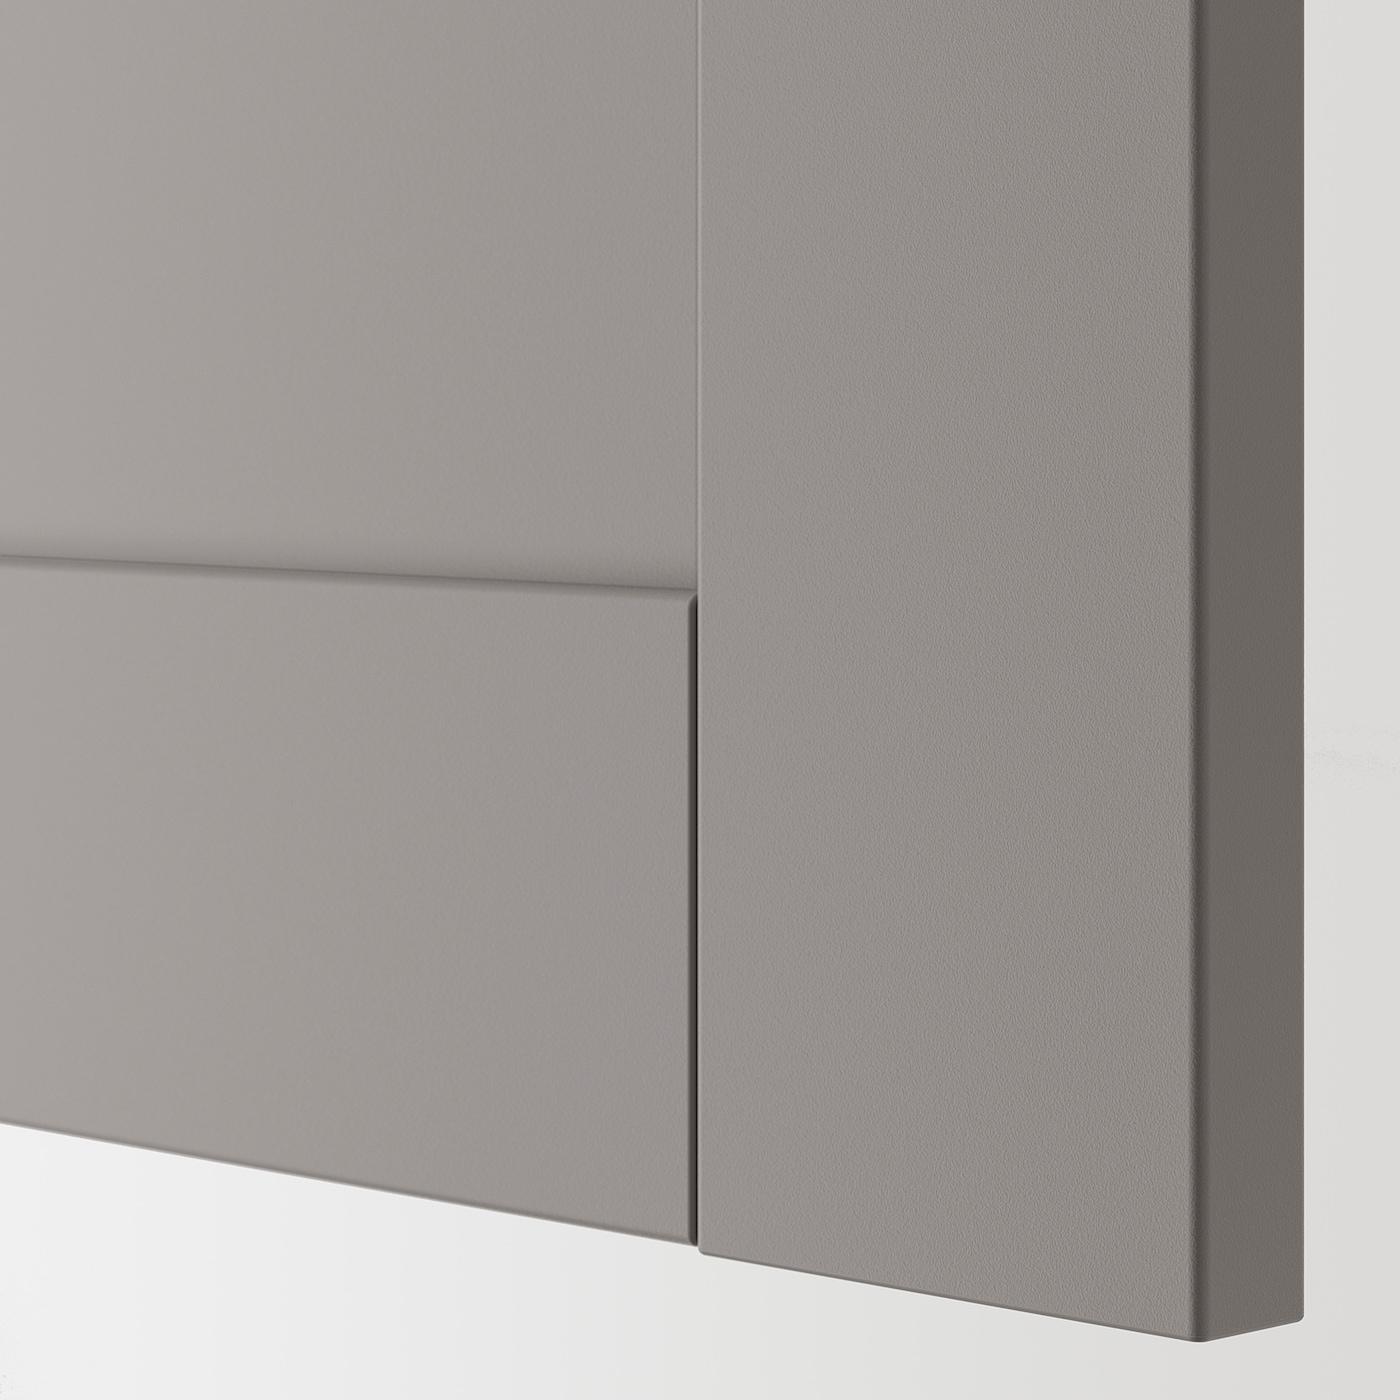 ENHET Door, grey frame, 30x180 cm